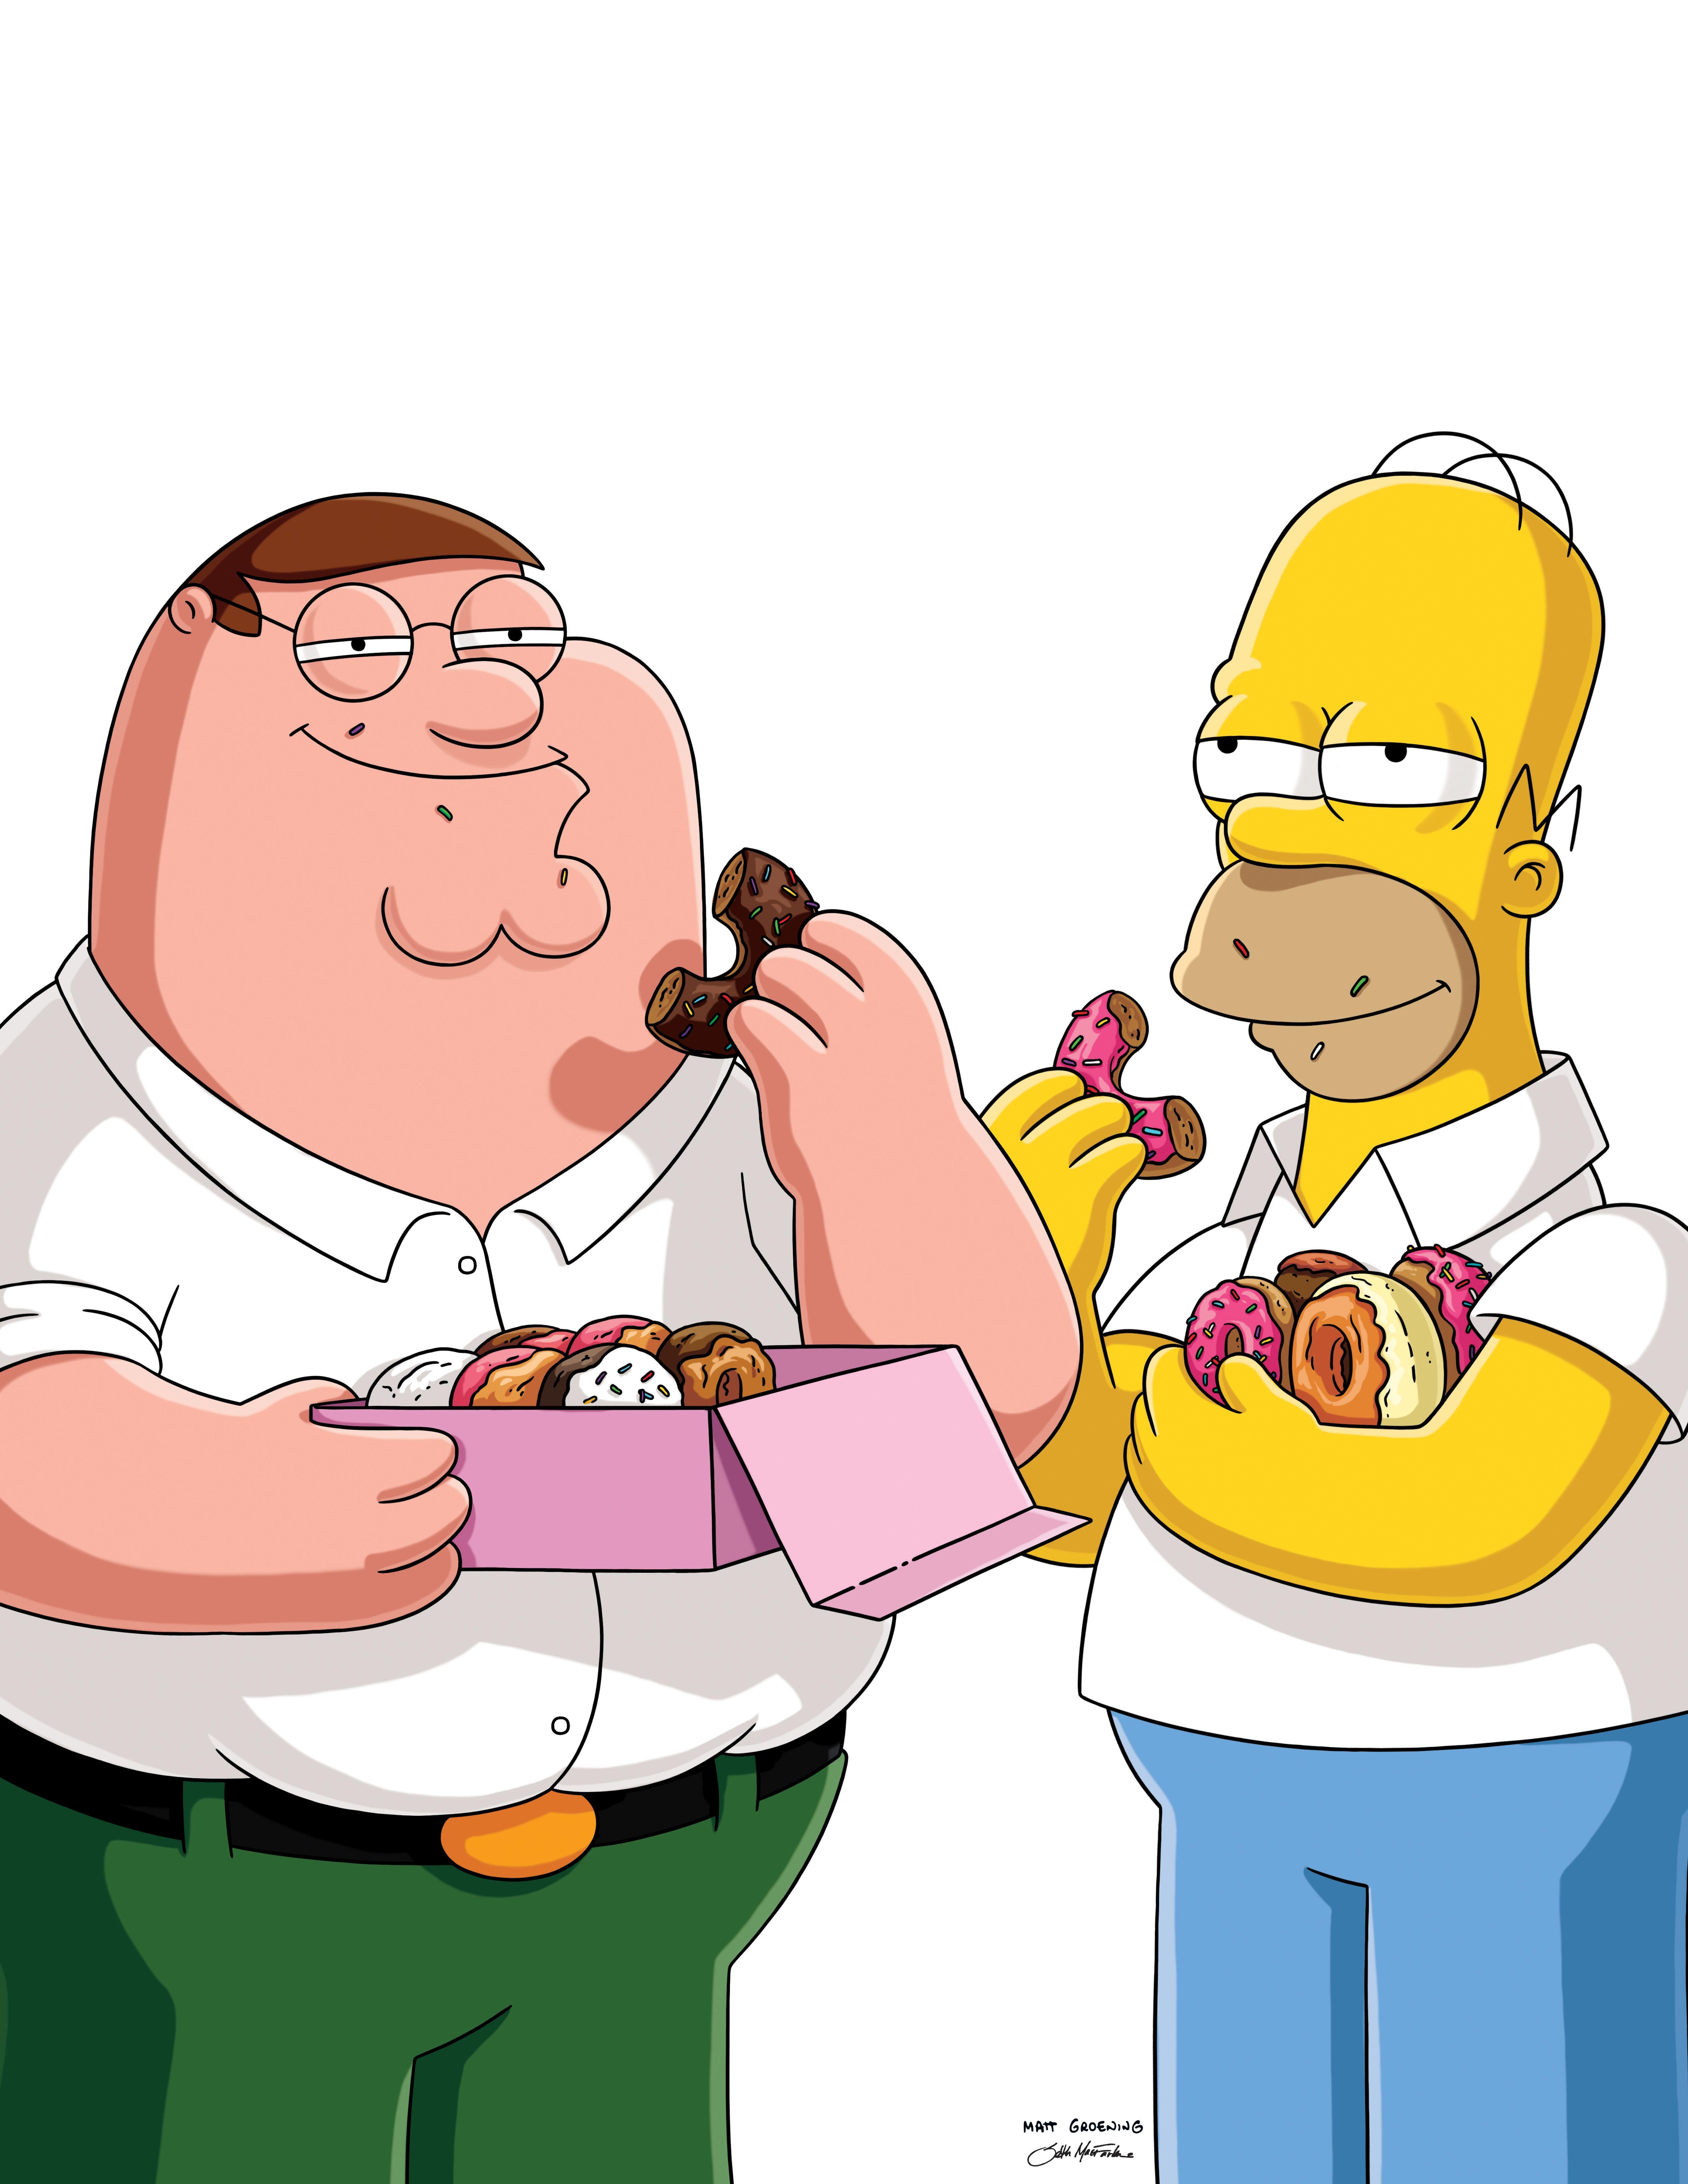 yummy donuts vs. mmmm, doooonuts: you decide. #familyguy